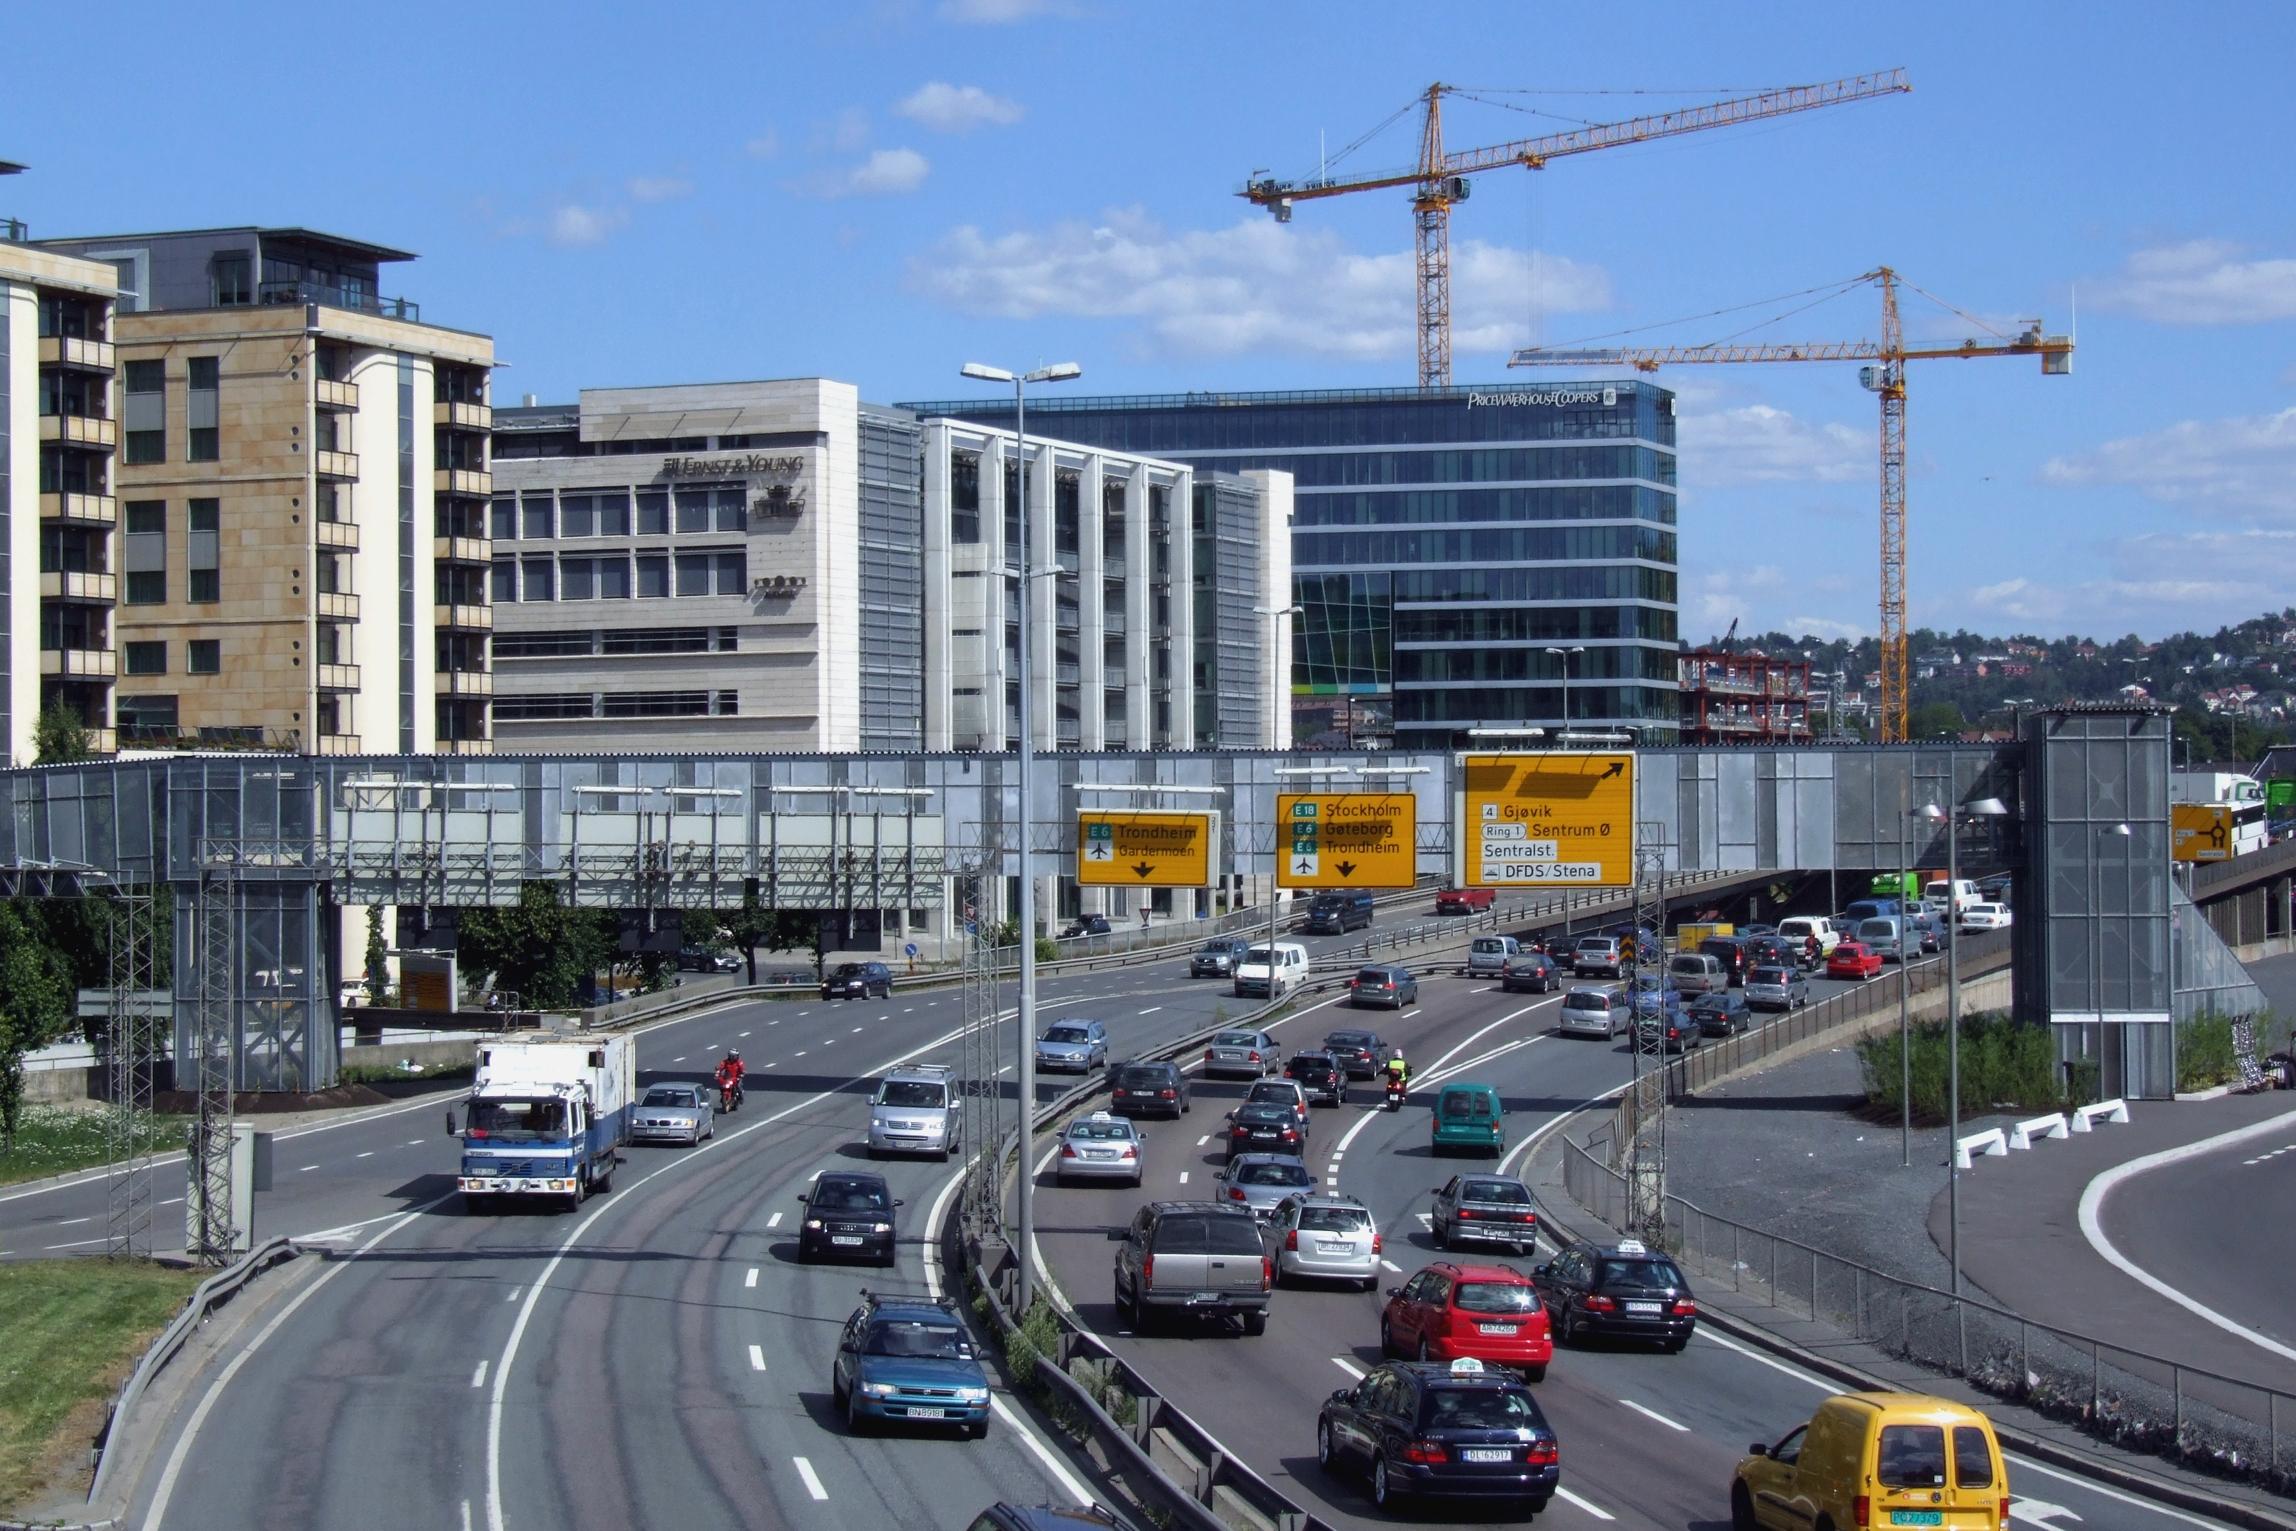 El tráfico de la ciudad de Oslo